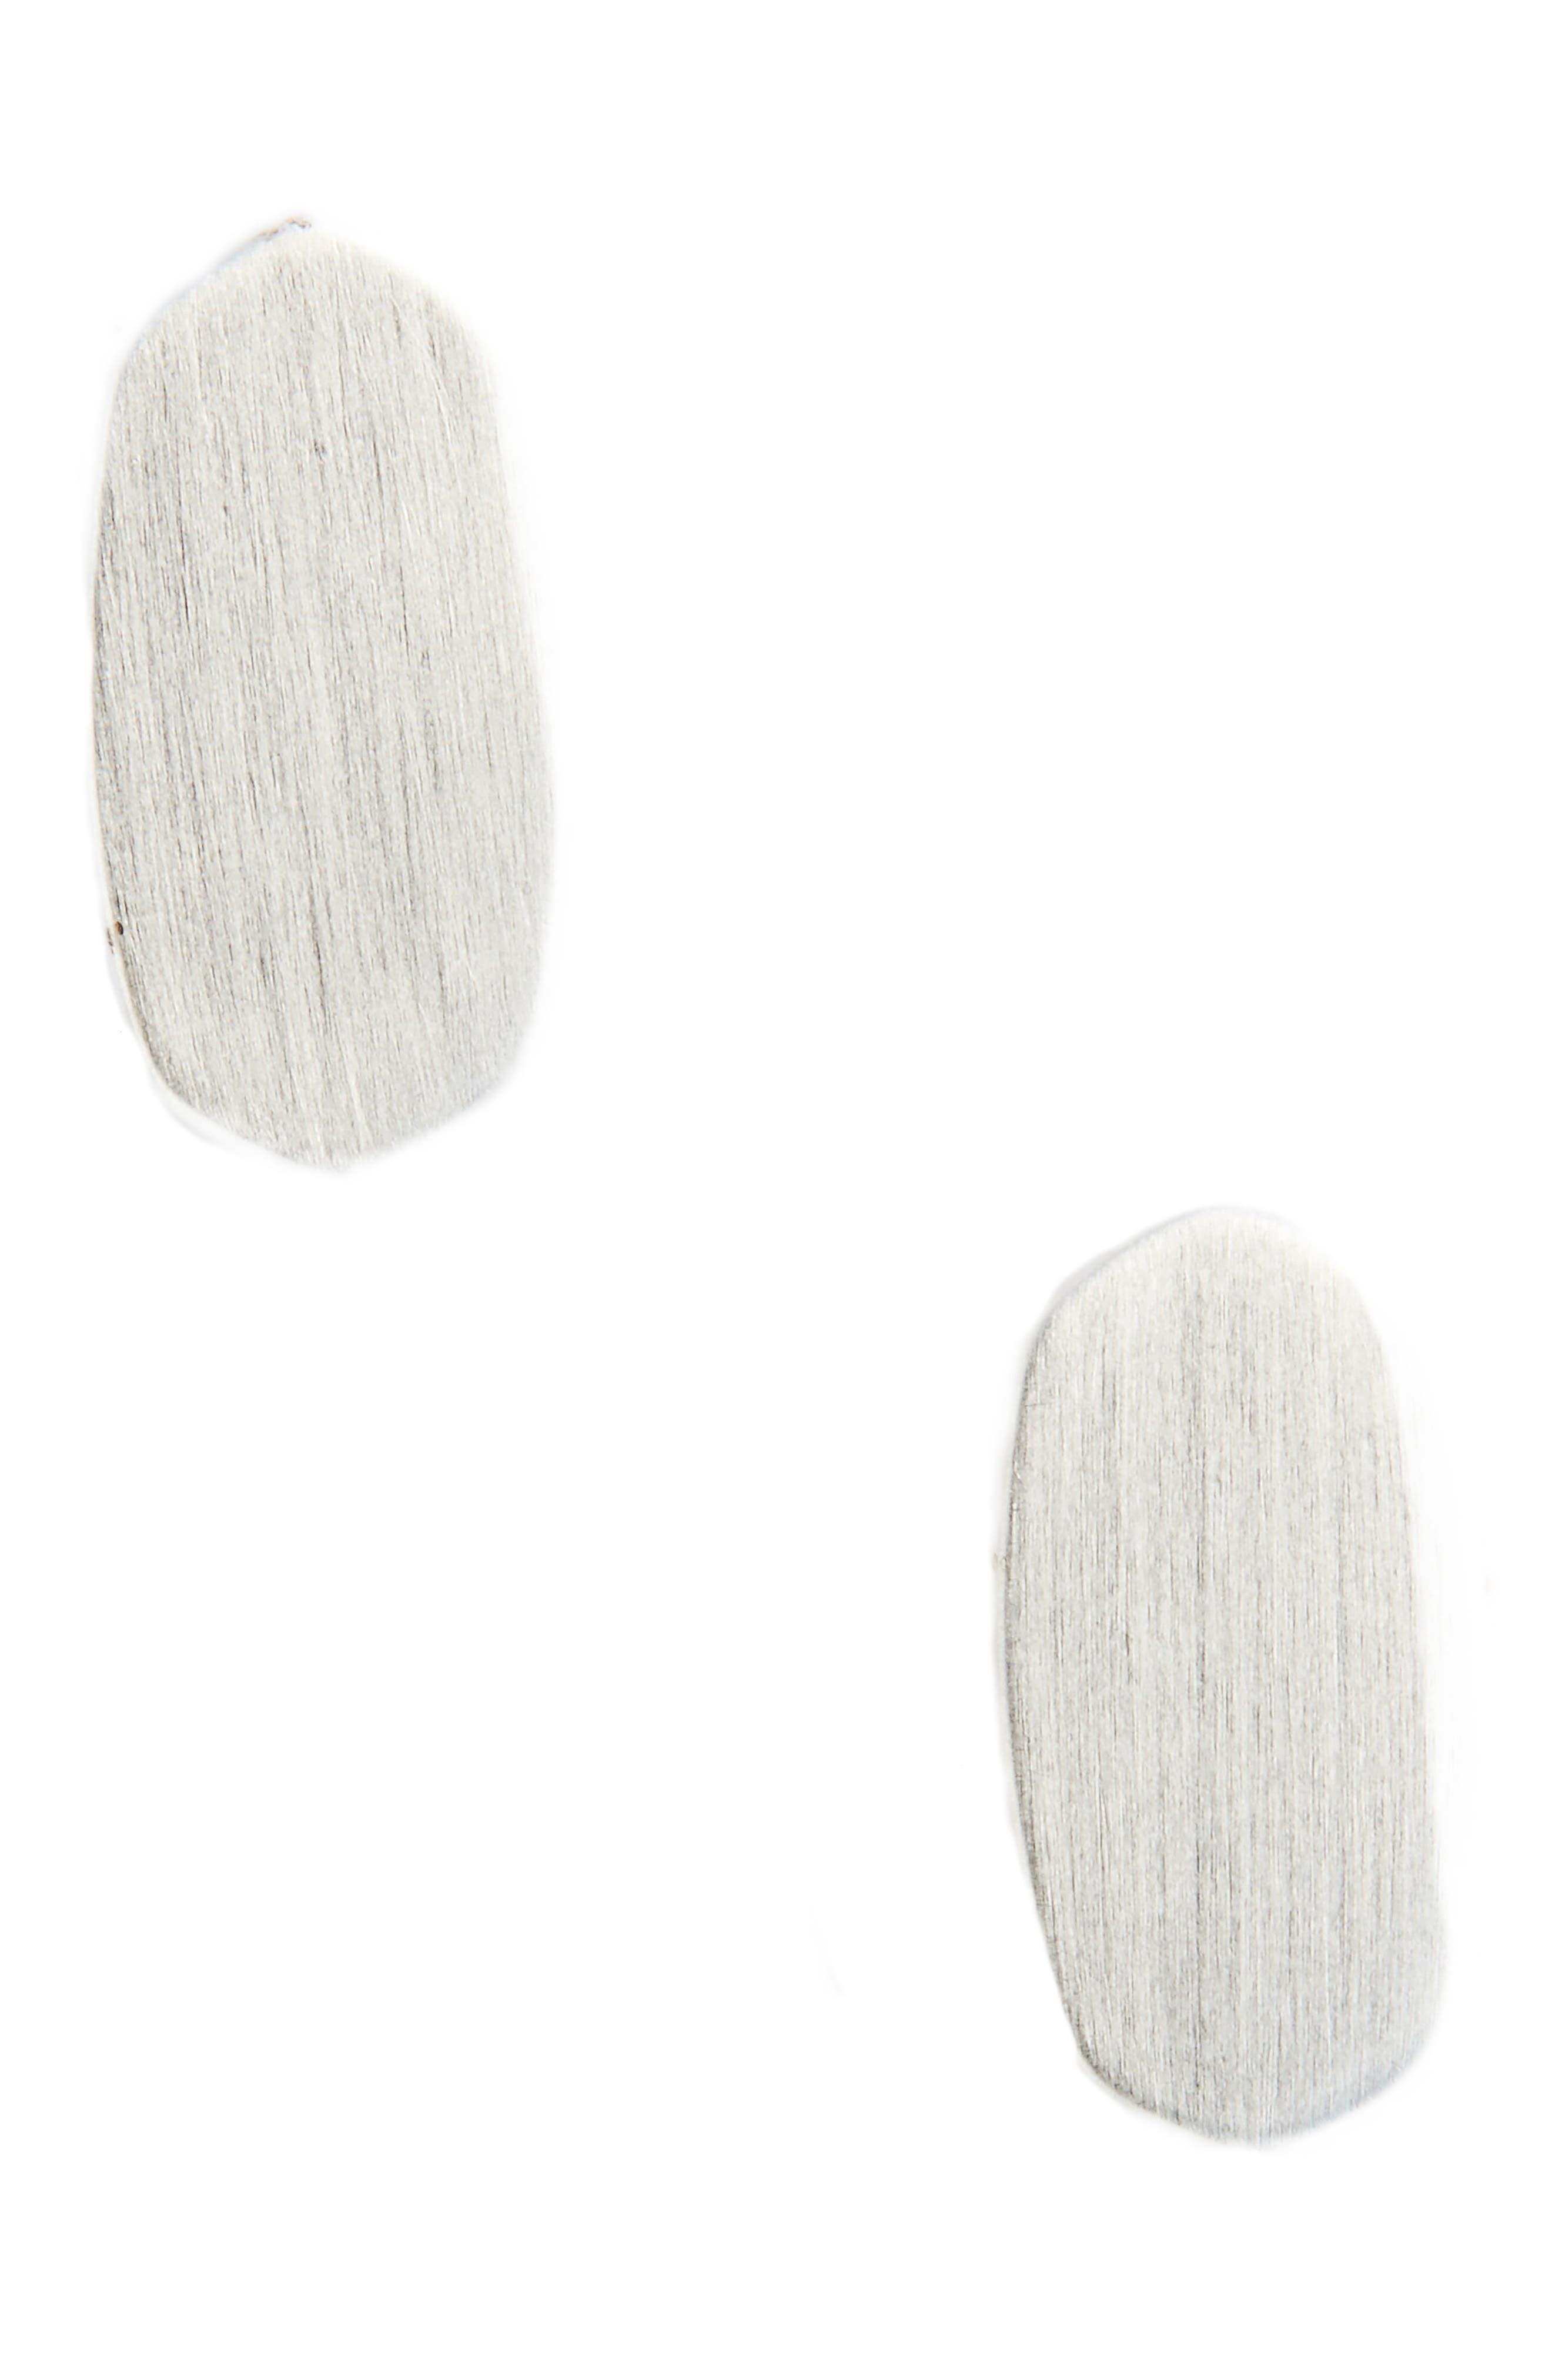 KENDRA SCOTT, Barrett Stud Earrings, Main thumbnail 1, color, BRIGHT SILVER